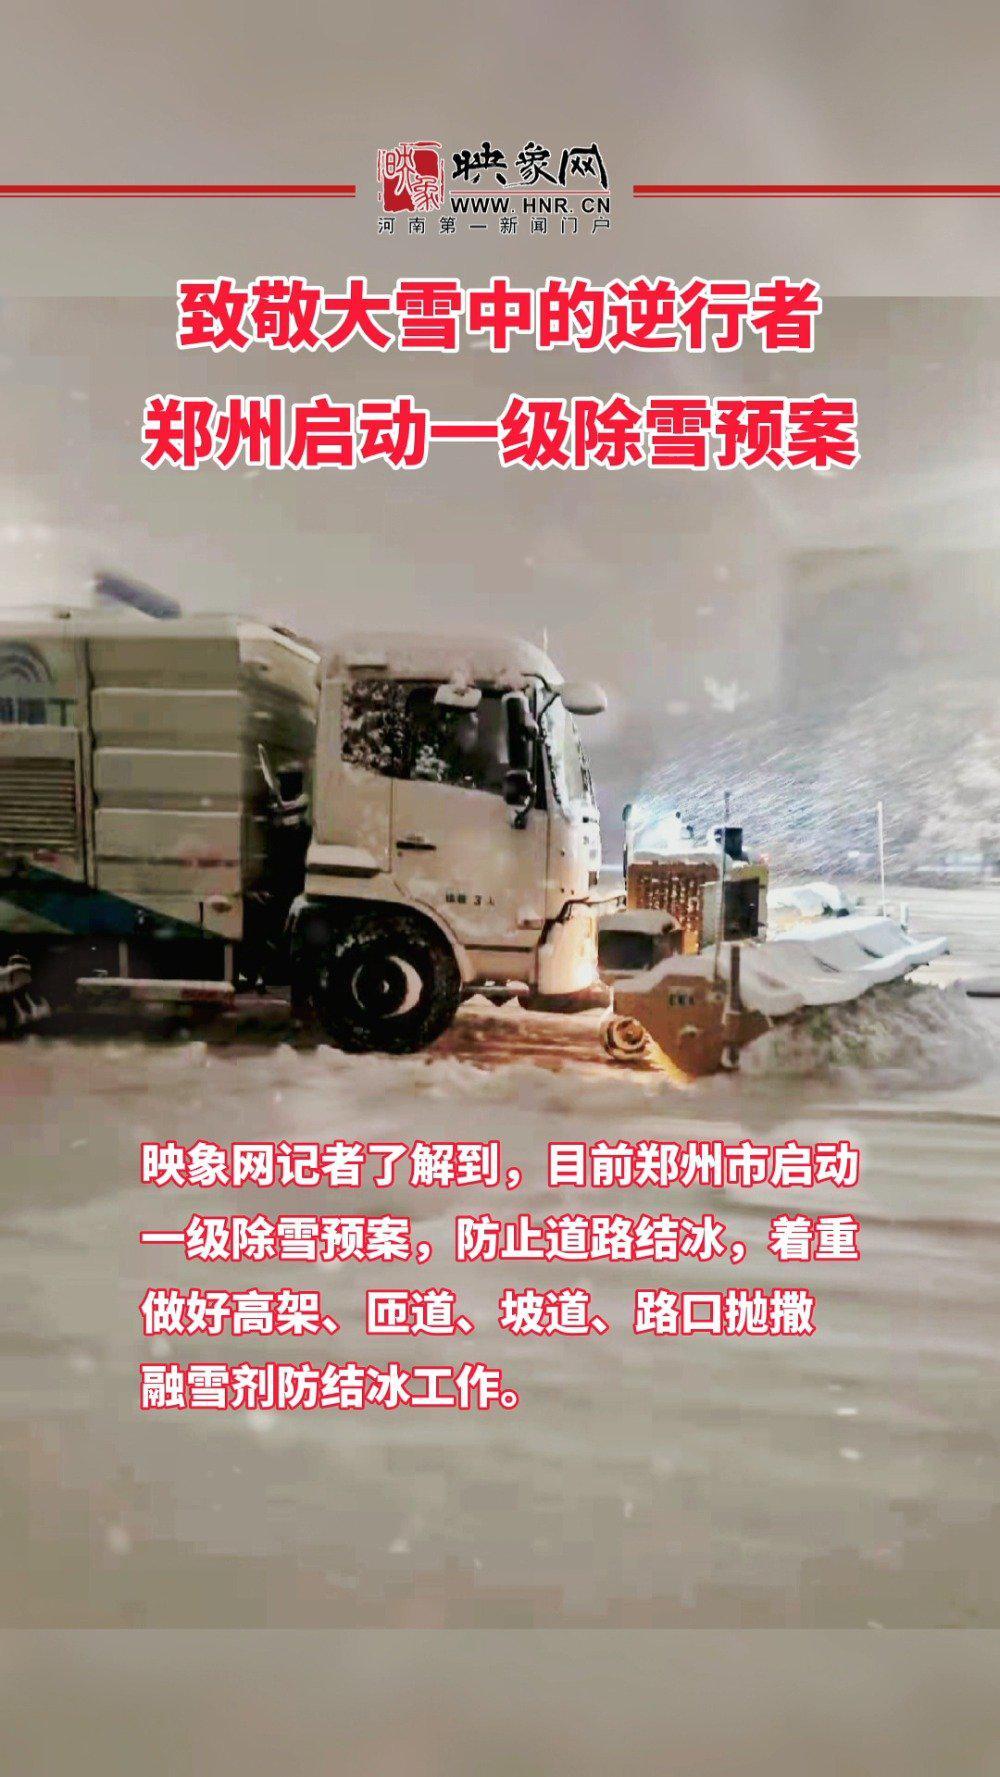 致敬大雪中的逆行者 郑州启动一级除雪预案